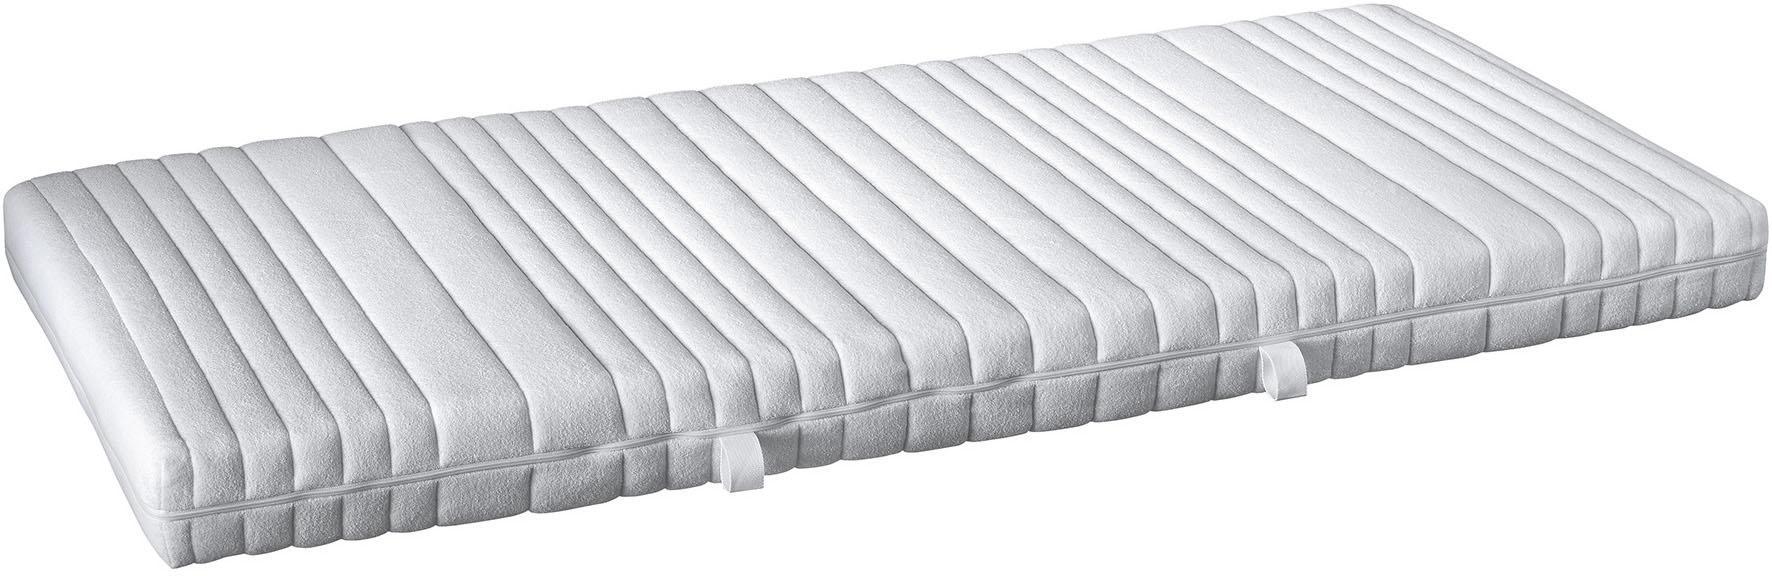 Kaltschaummatratze Aktiva Plus KBT Bettwaren 14 cm hoch